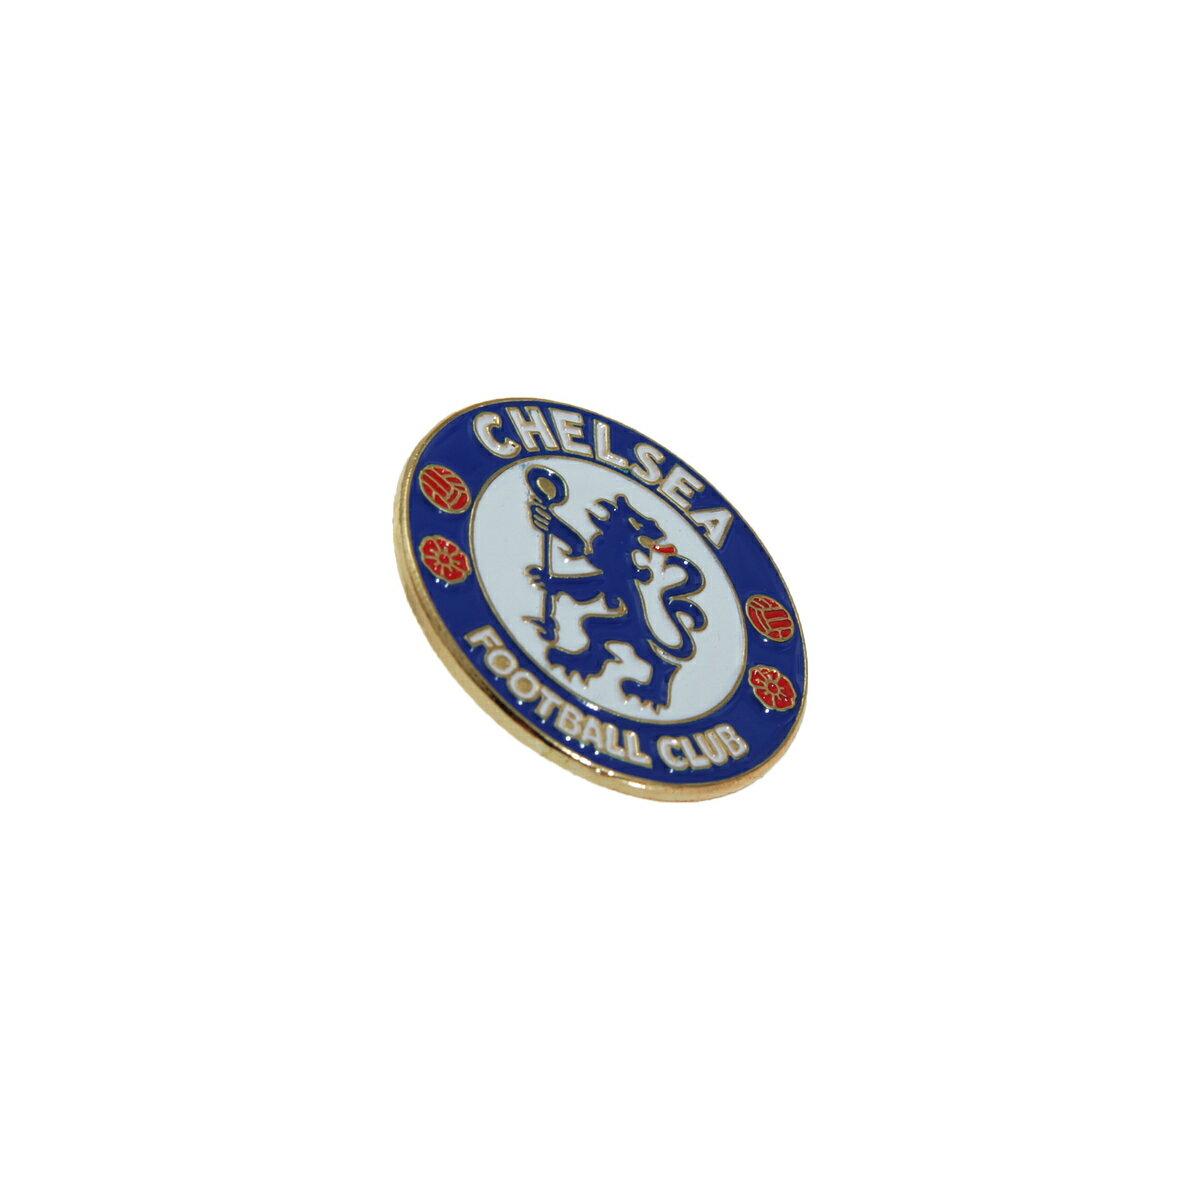 チェルシー フットボールクラブ Chelsea FC オフィシャル商品 ロゴ ピンバッジ 【楽天海外直送】